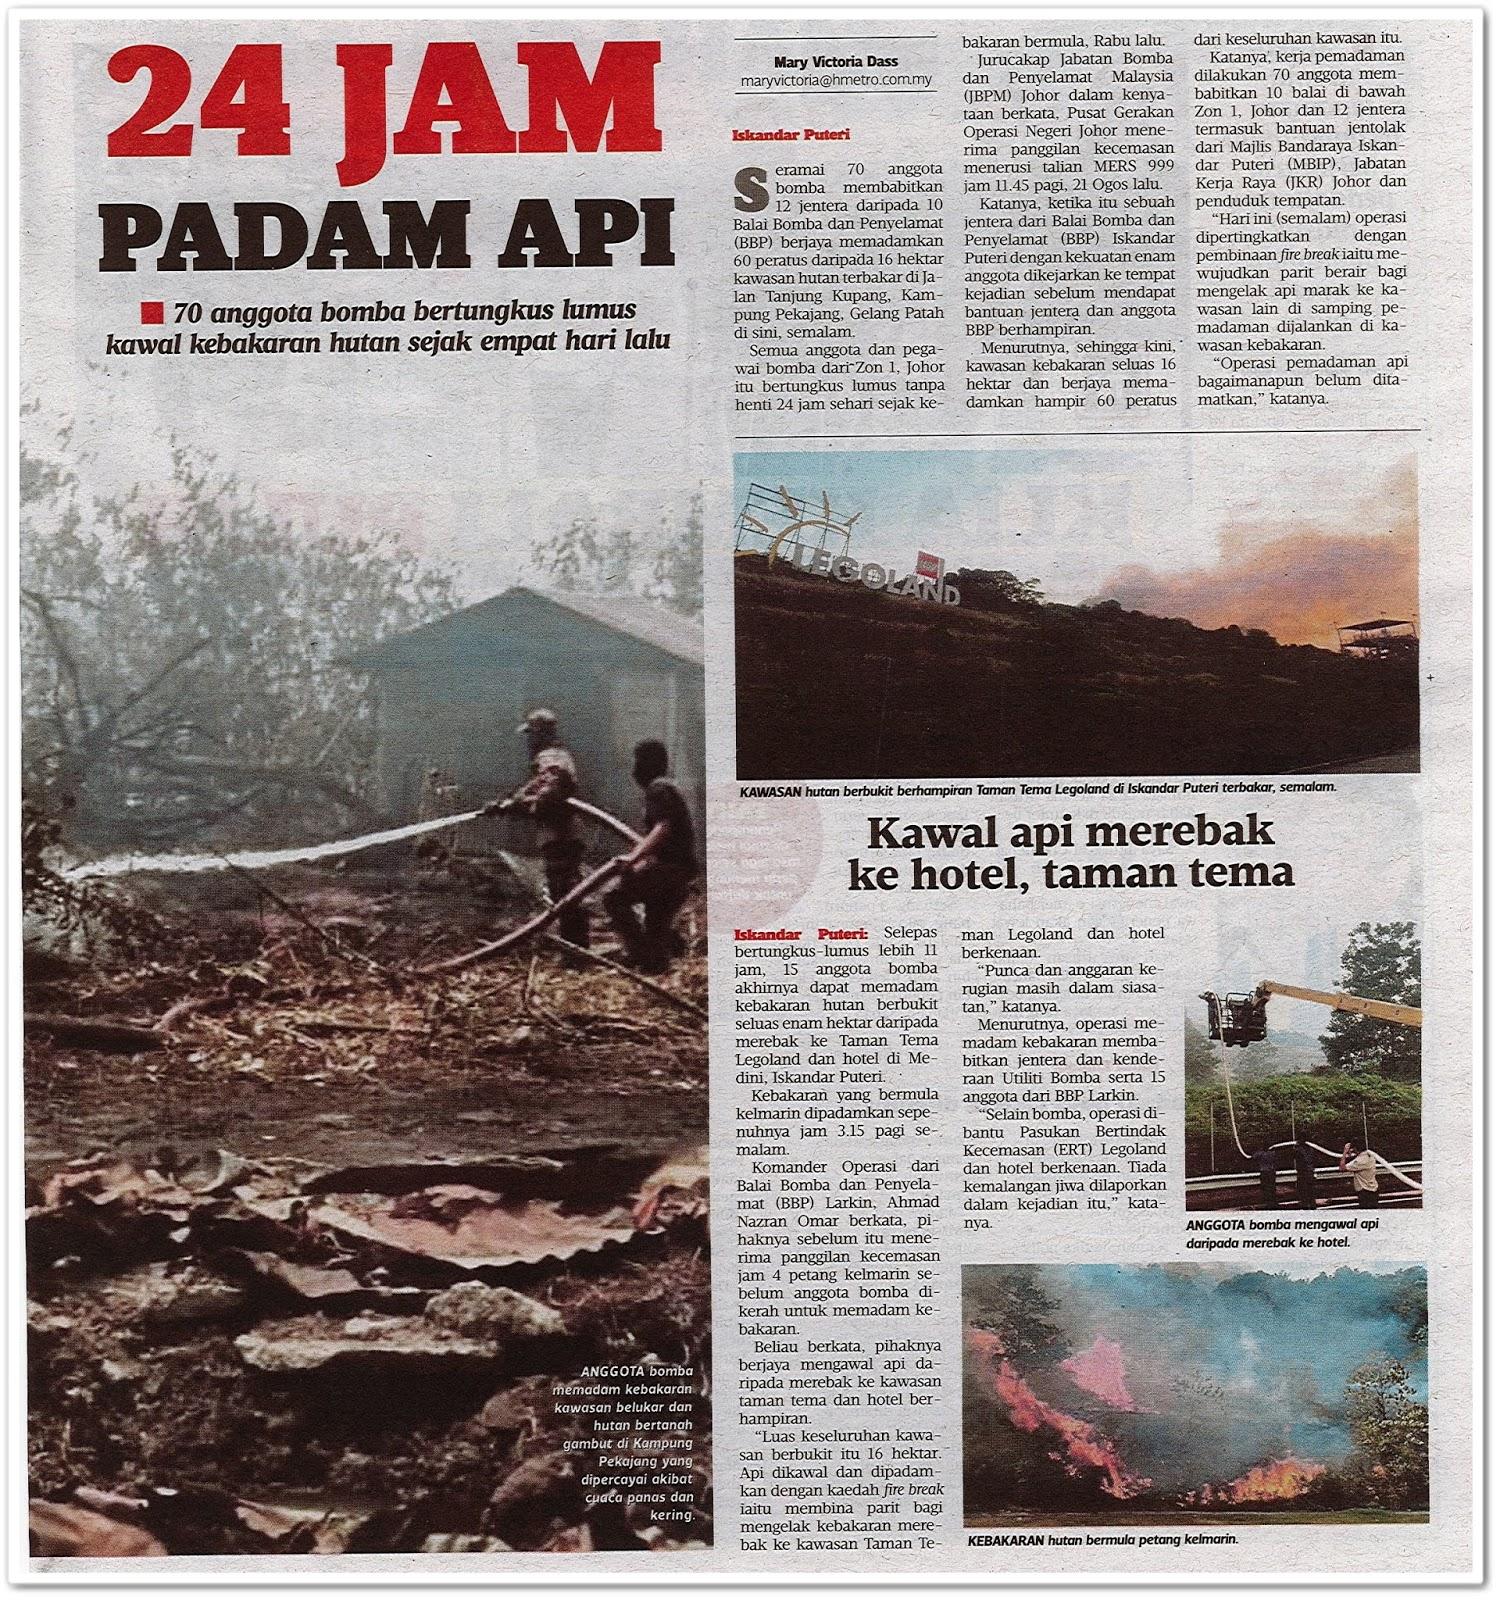 24 jam padam api - Keratan akhbar Harian Metro 25 Ogos 2019